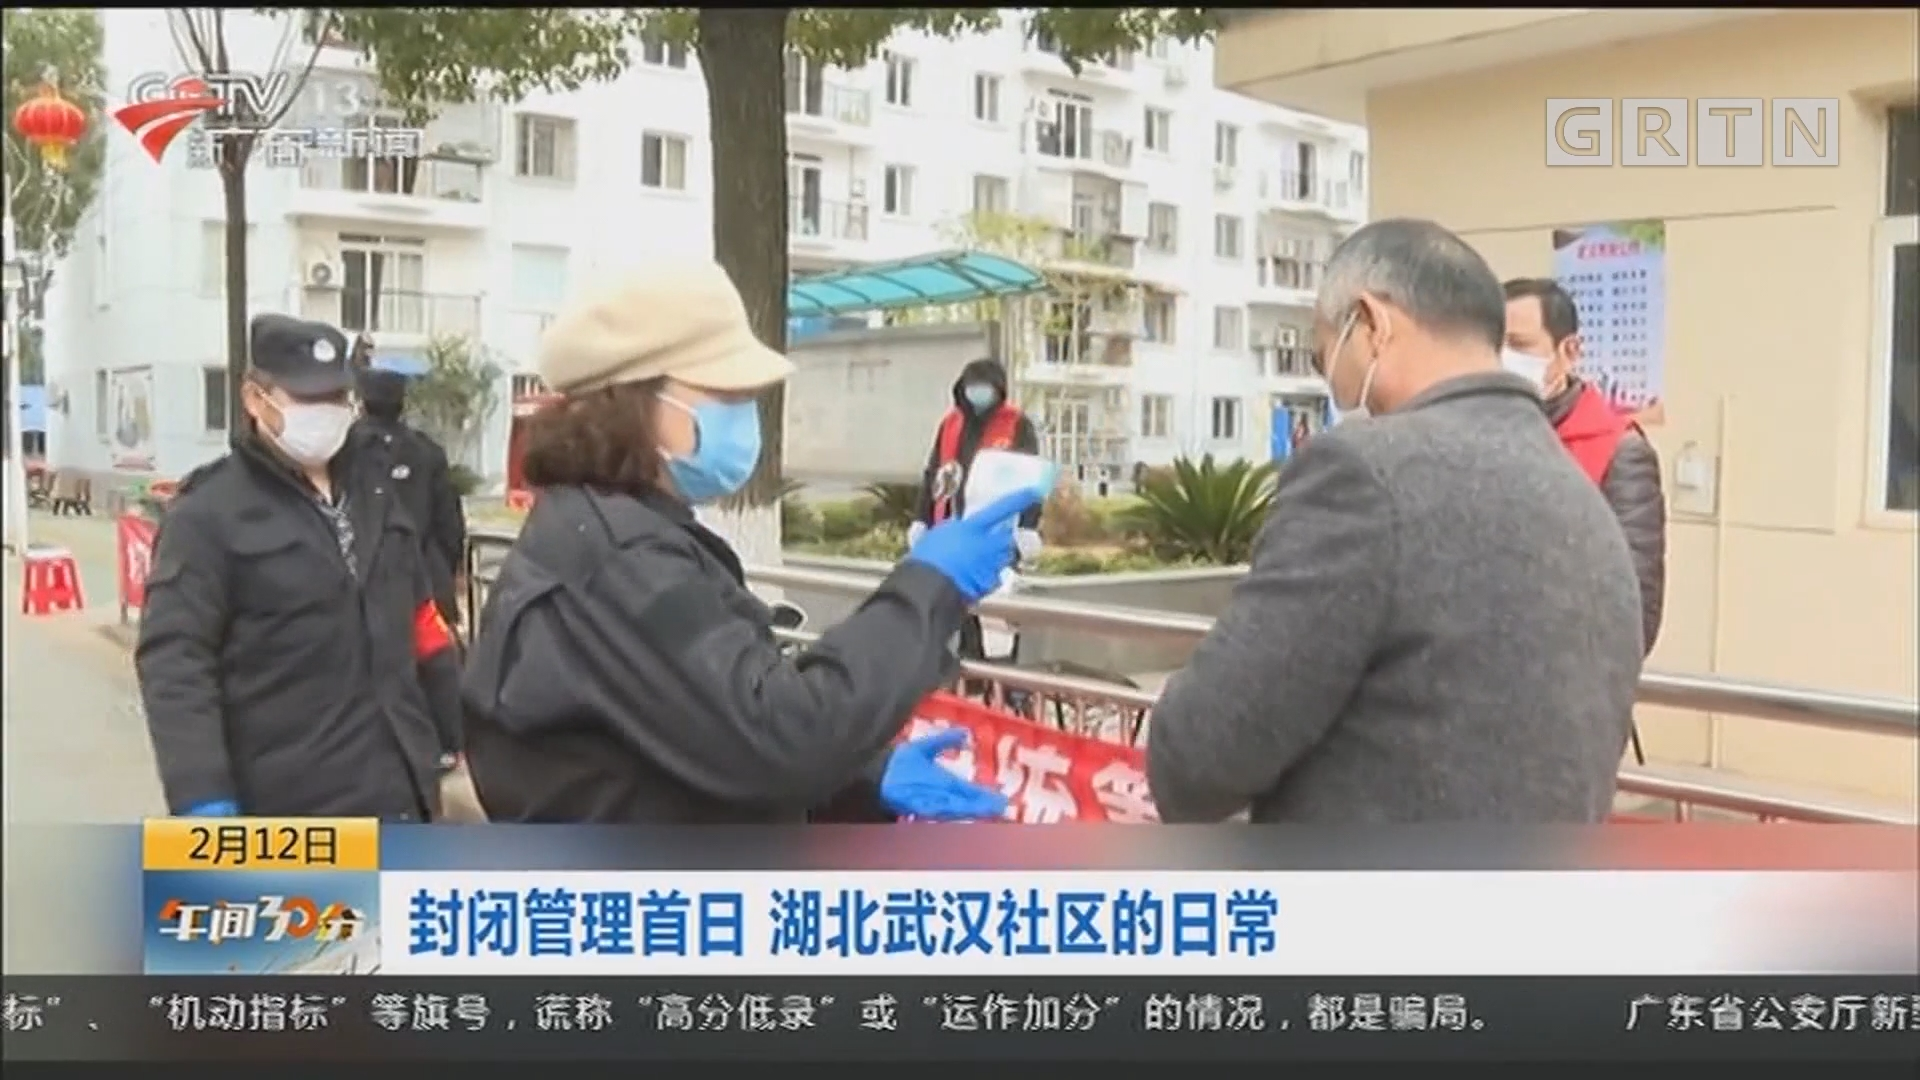 封闭管理首日 湖北武汉社区的日常